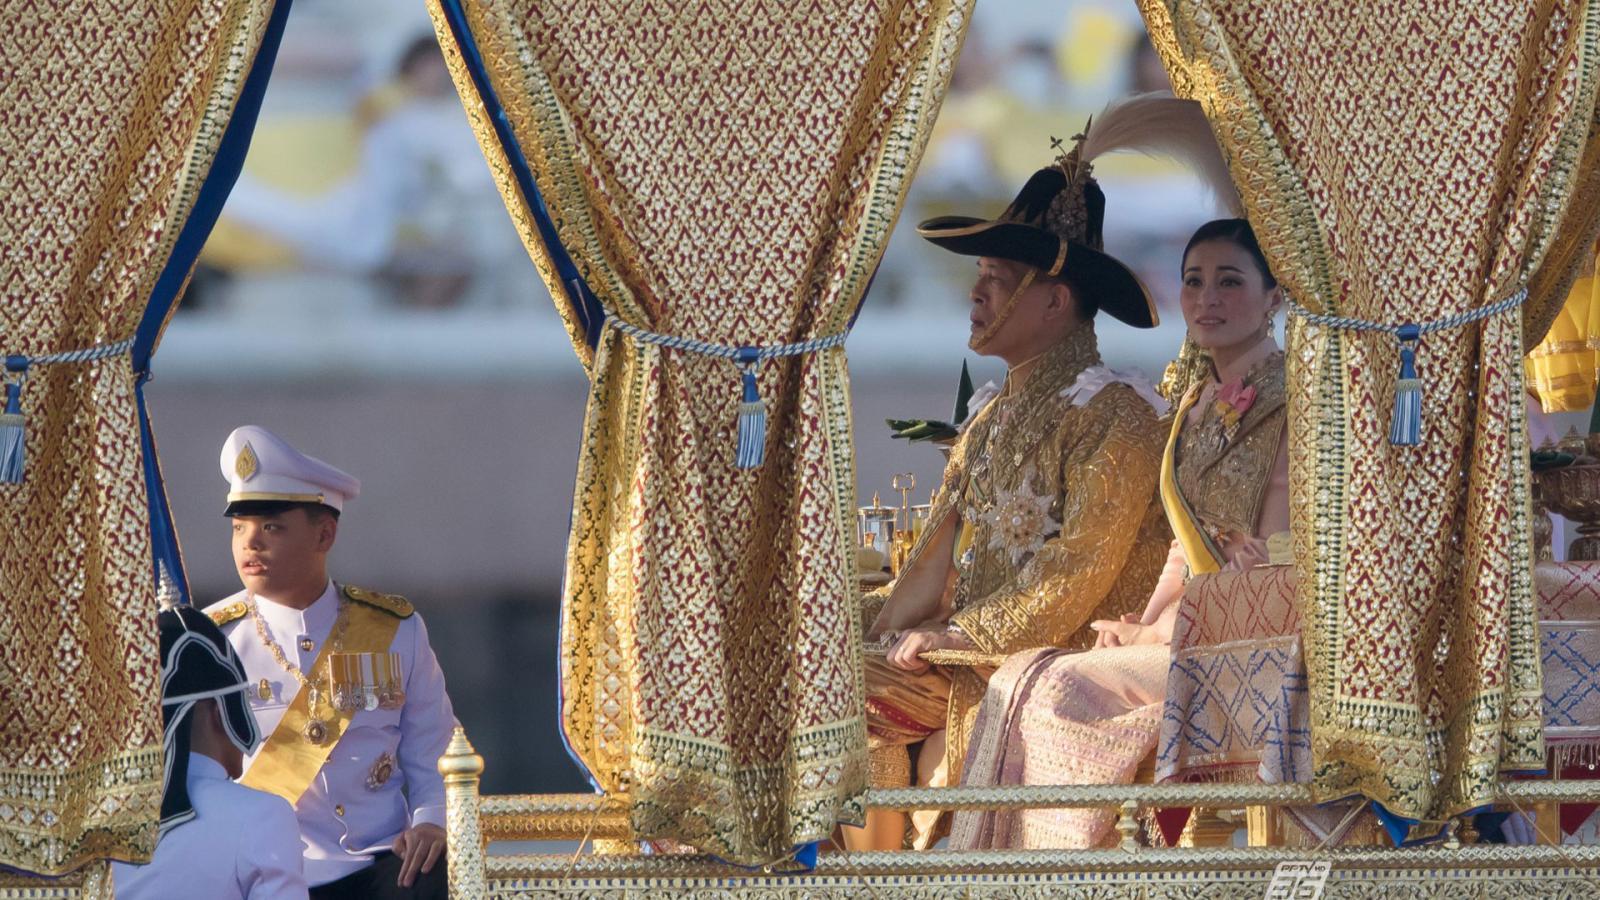 """ปีติ """"ในหลวง-ราชินี""""เสด็จฯเลียบพระนครฯ ยิ่งใหญ่ สมพระเกียรติ"""